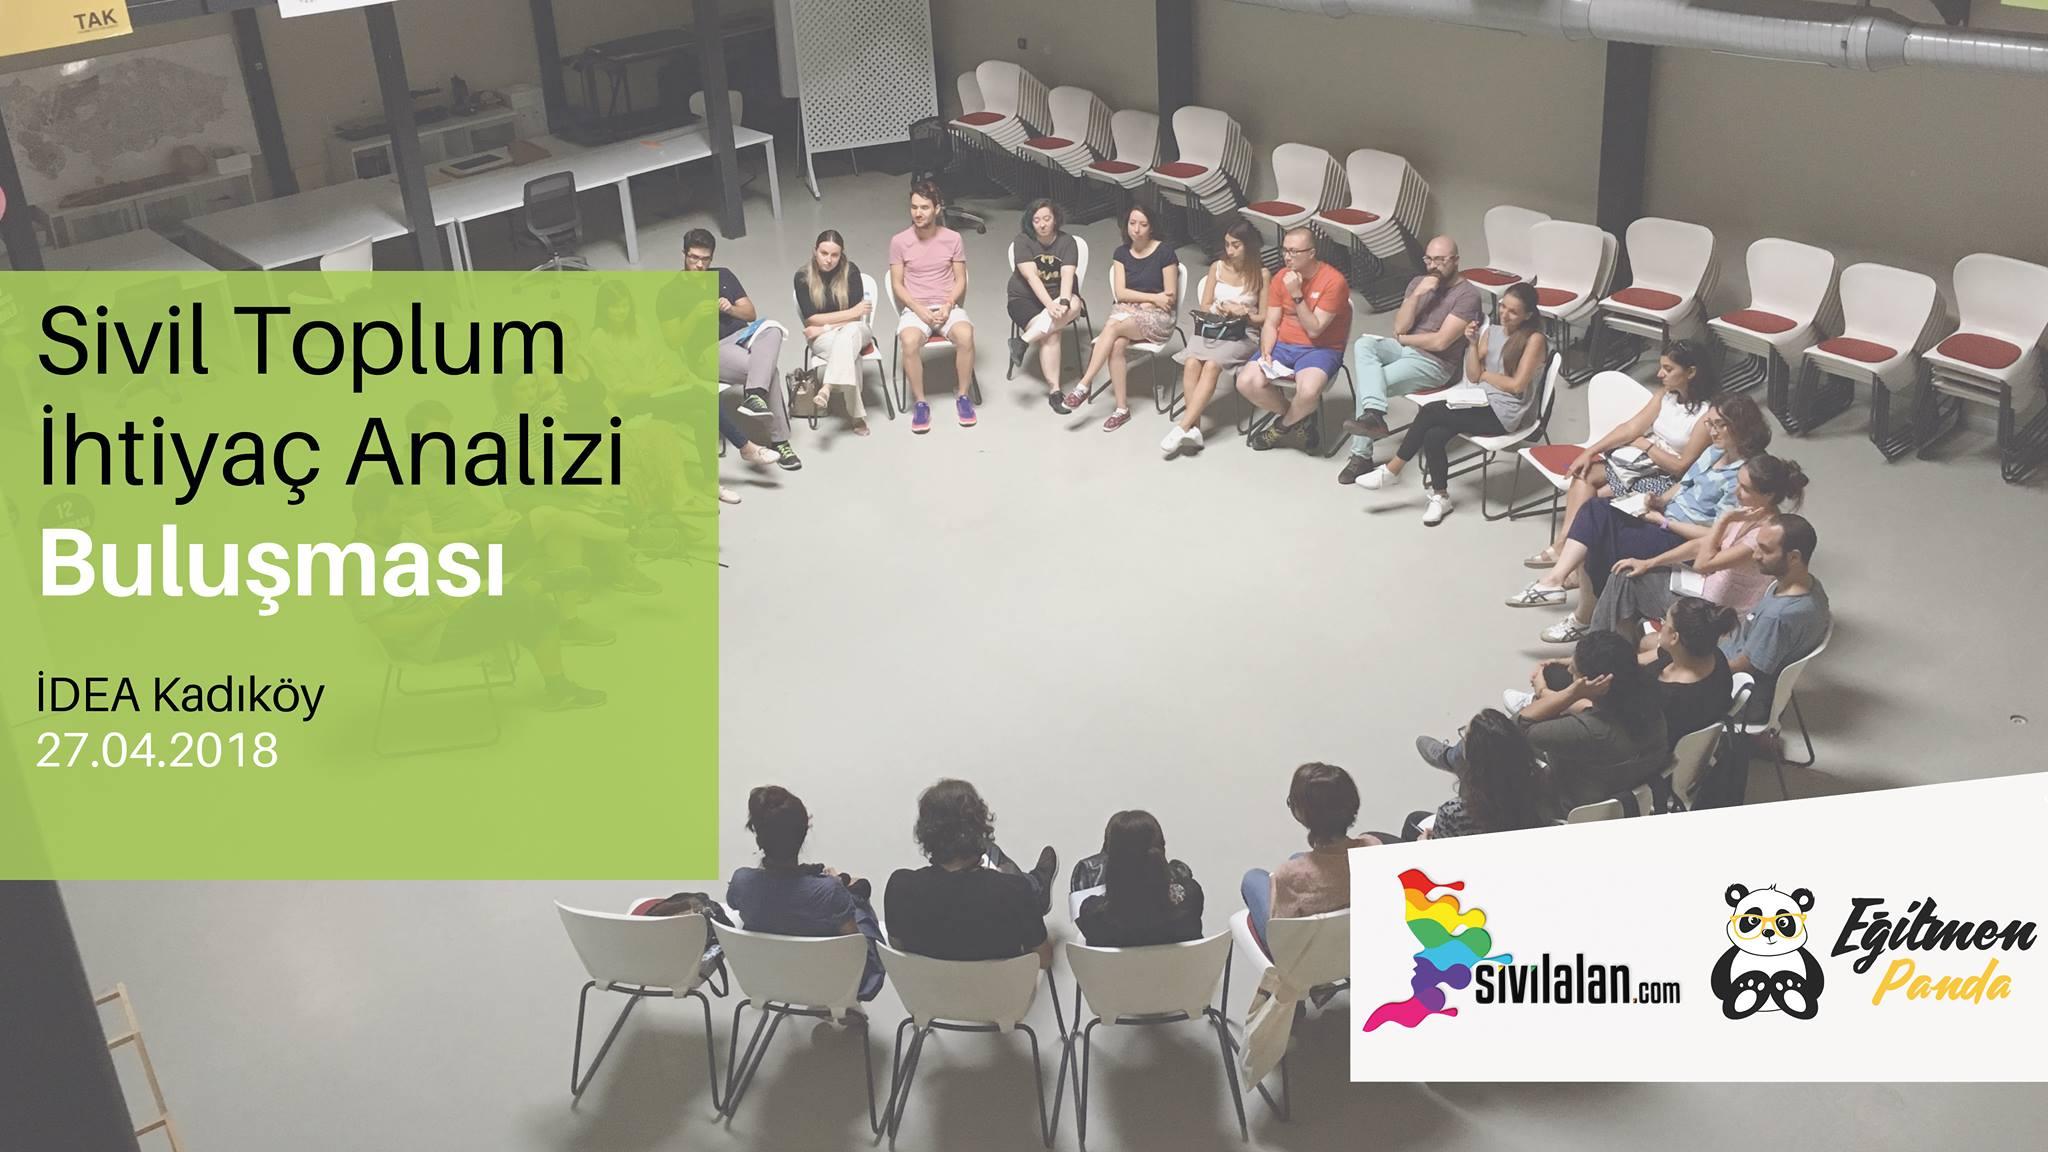 Sivil Toplum Kuruluşları İhtiyaç Analizi Buluşması - 27 Nisan 2018